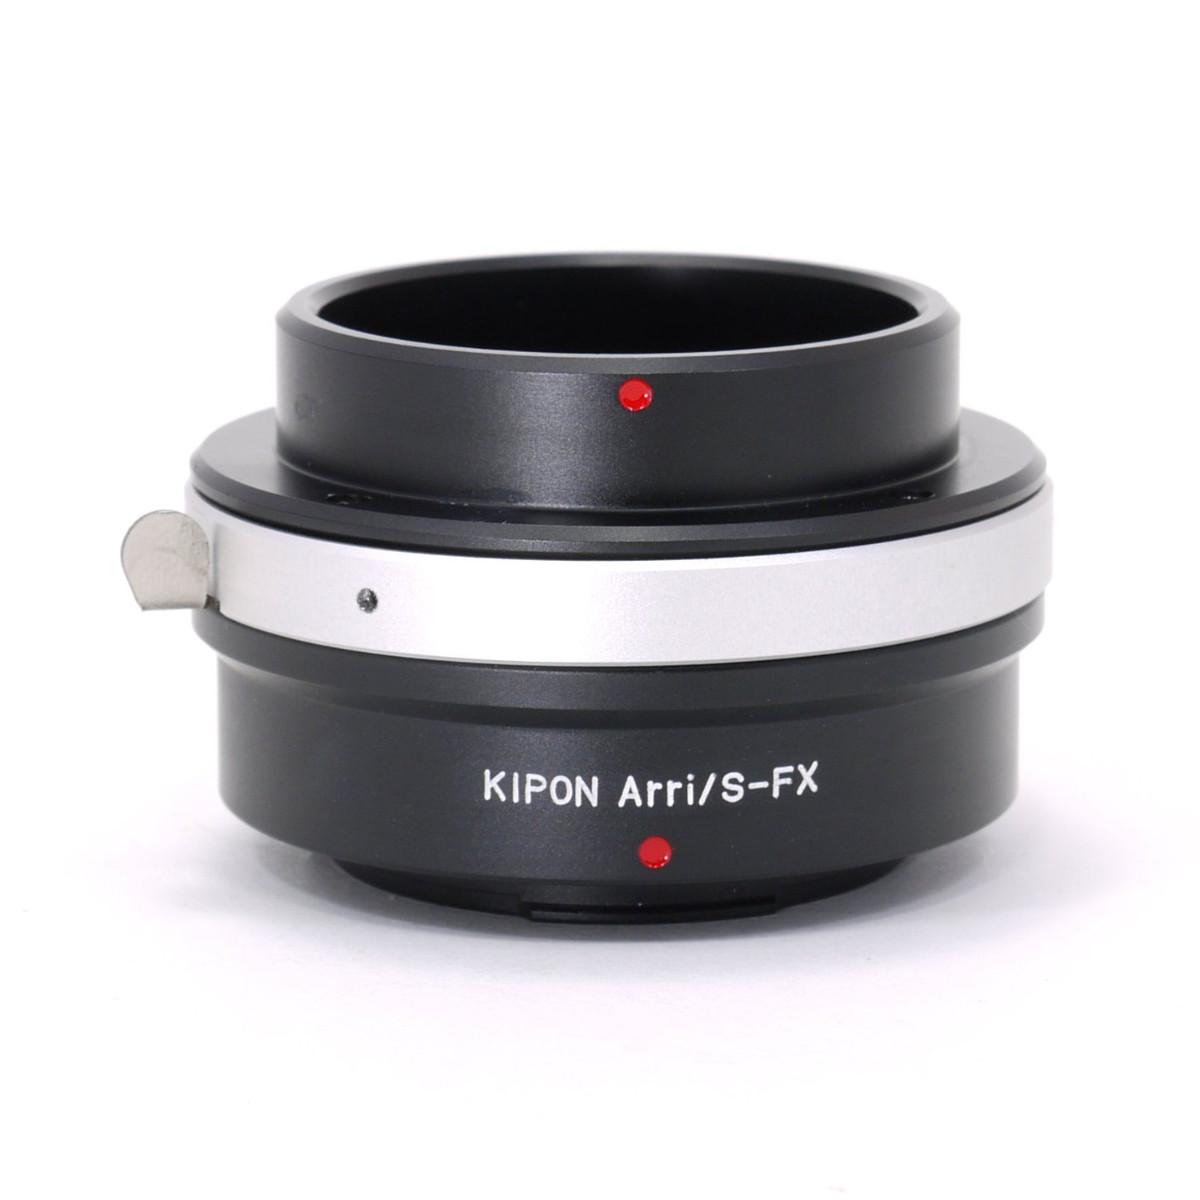 マウントアダプター KIPON ARRI/S-FX アリフレックスマウントレンズ - 富士フィルムXマウント